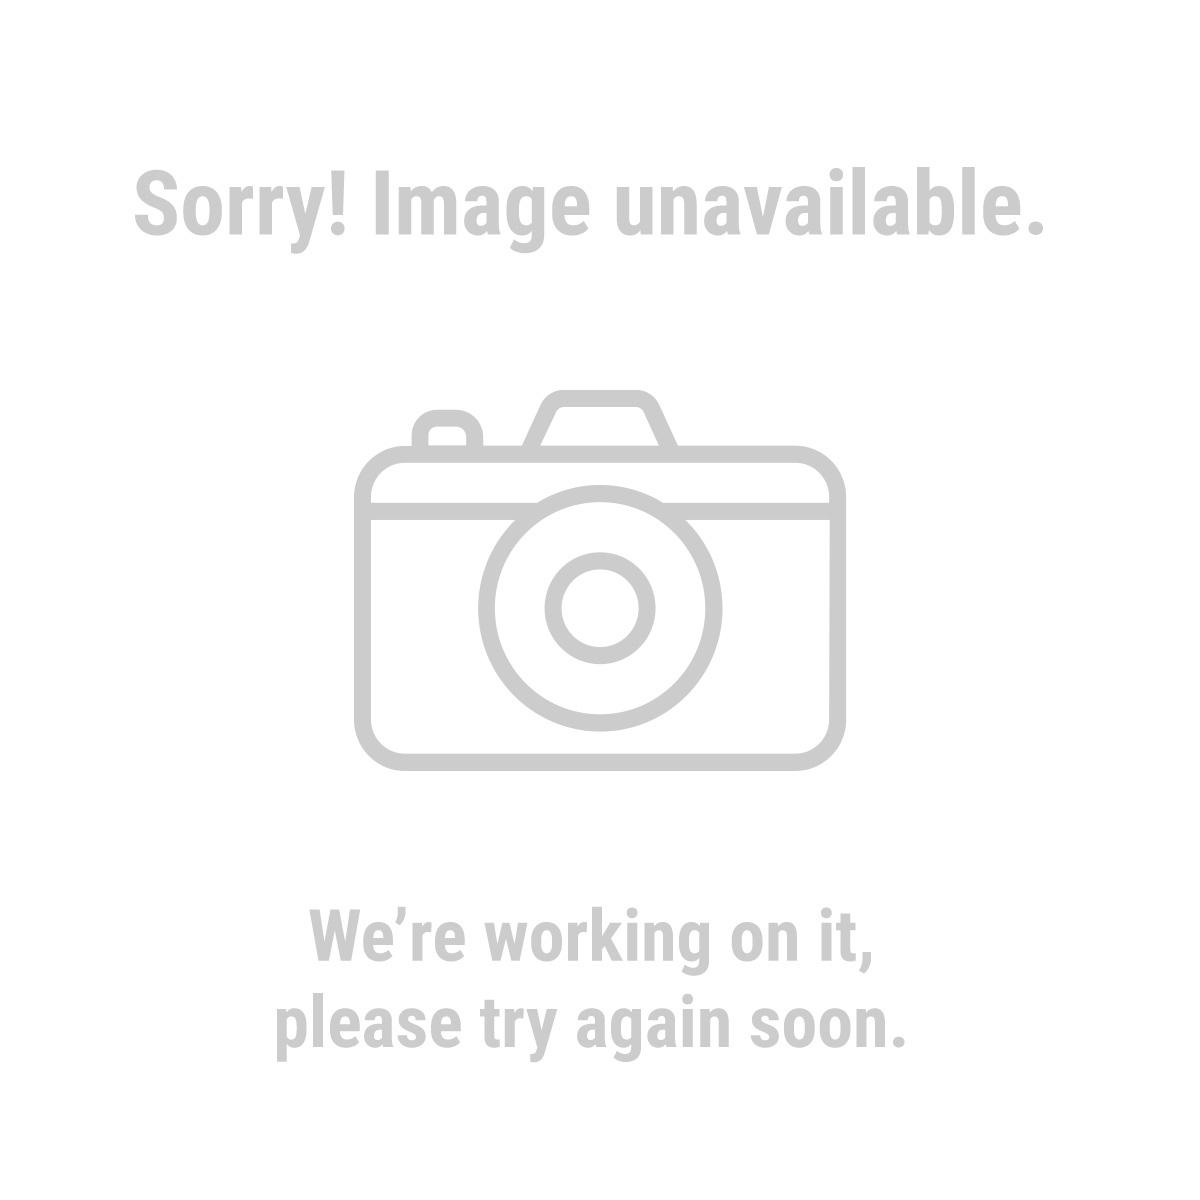 3M 67723 Lens Renewal Kit